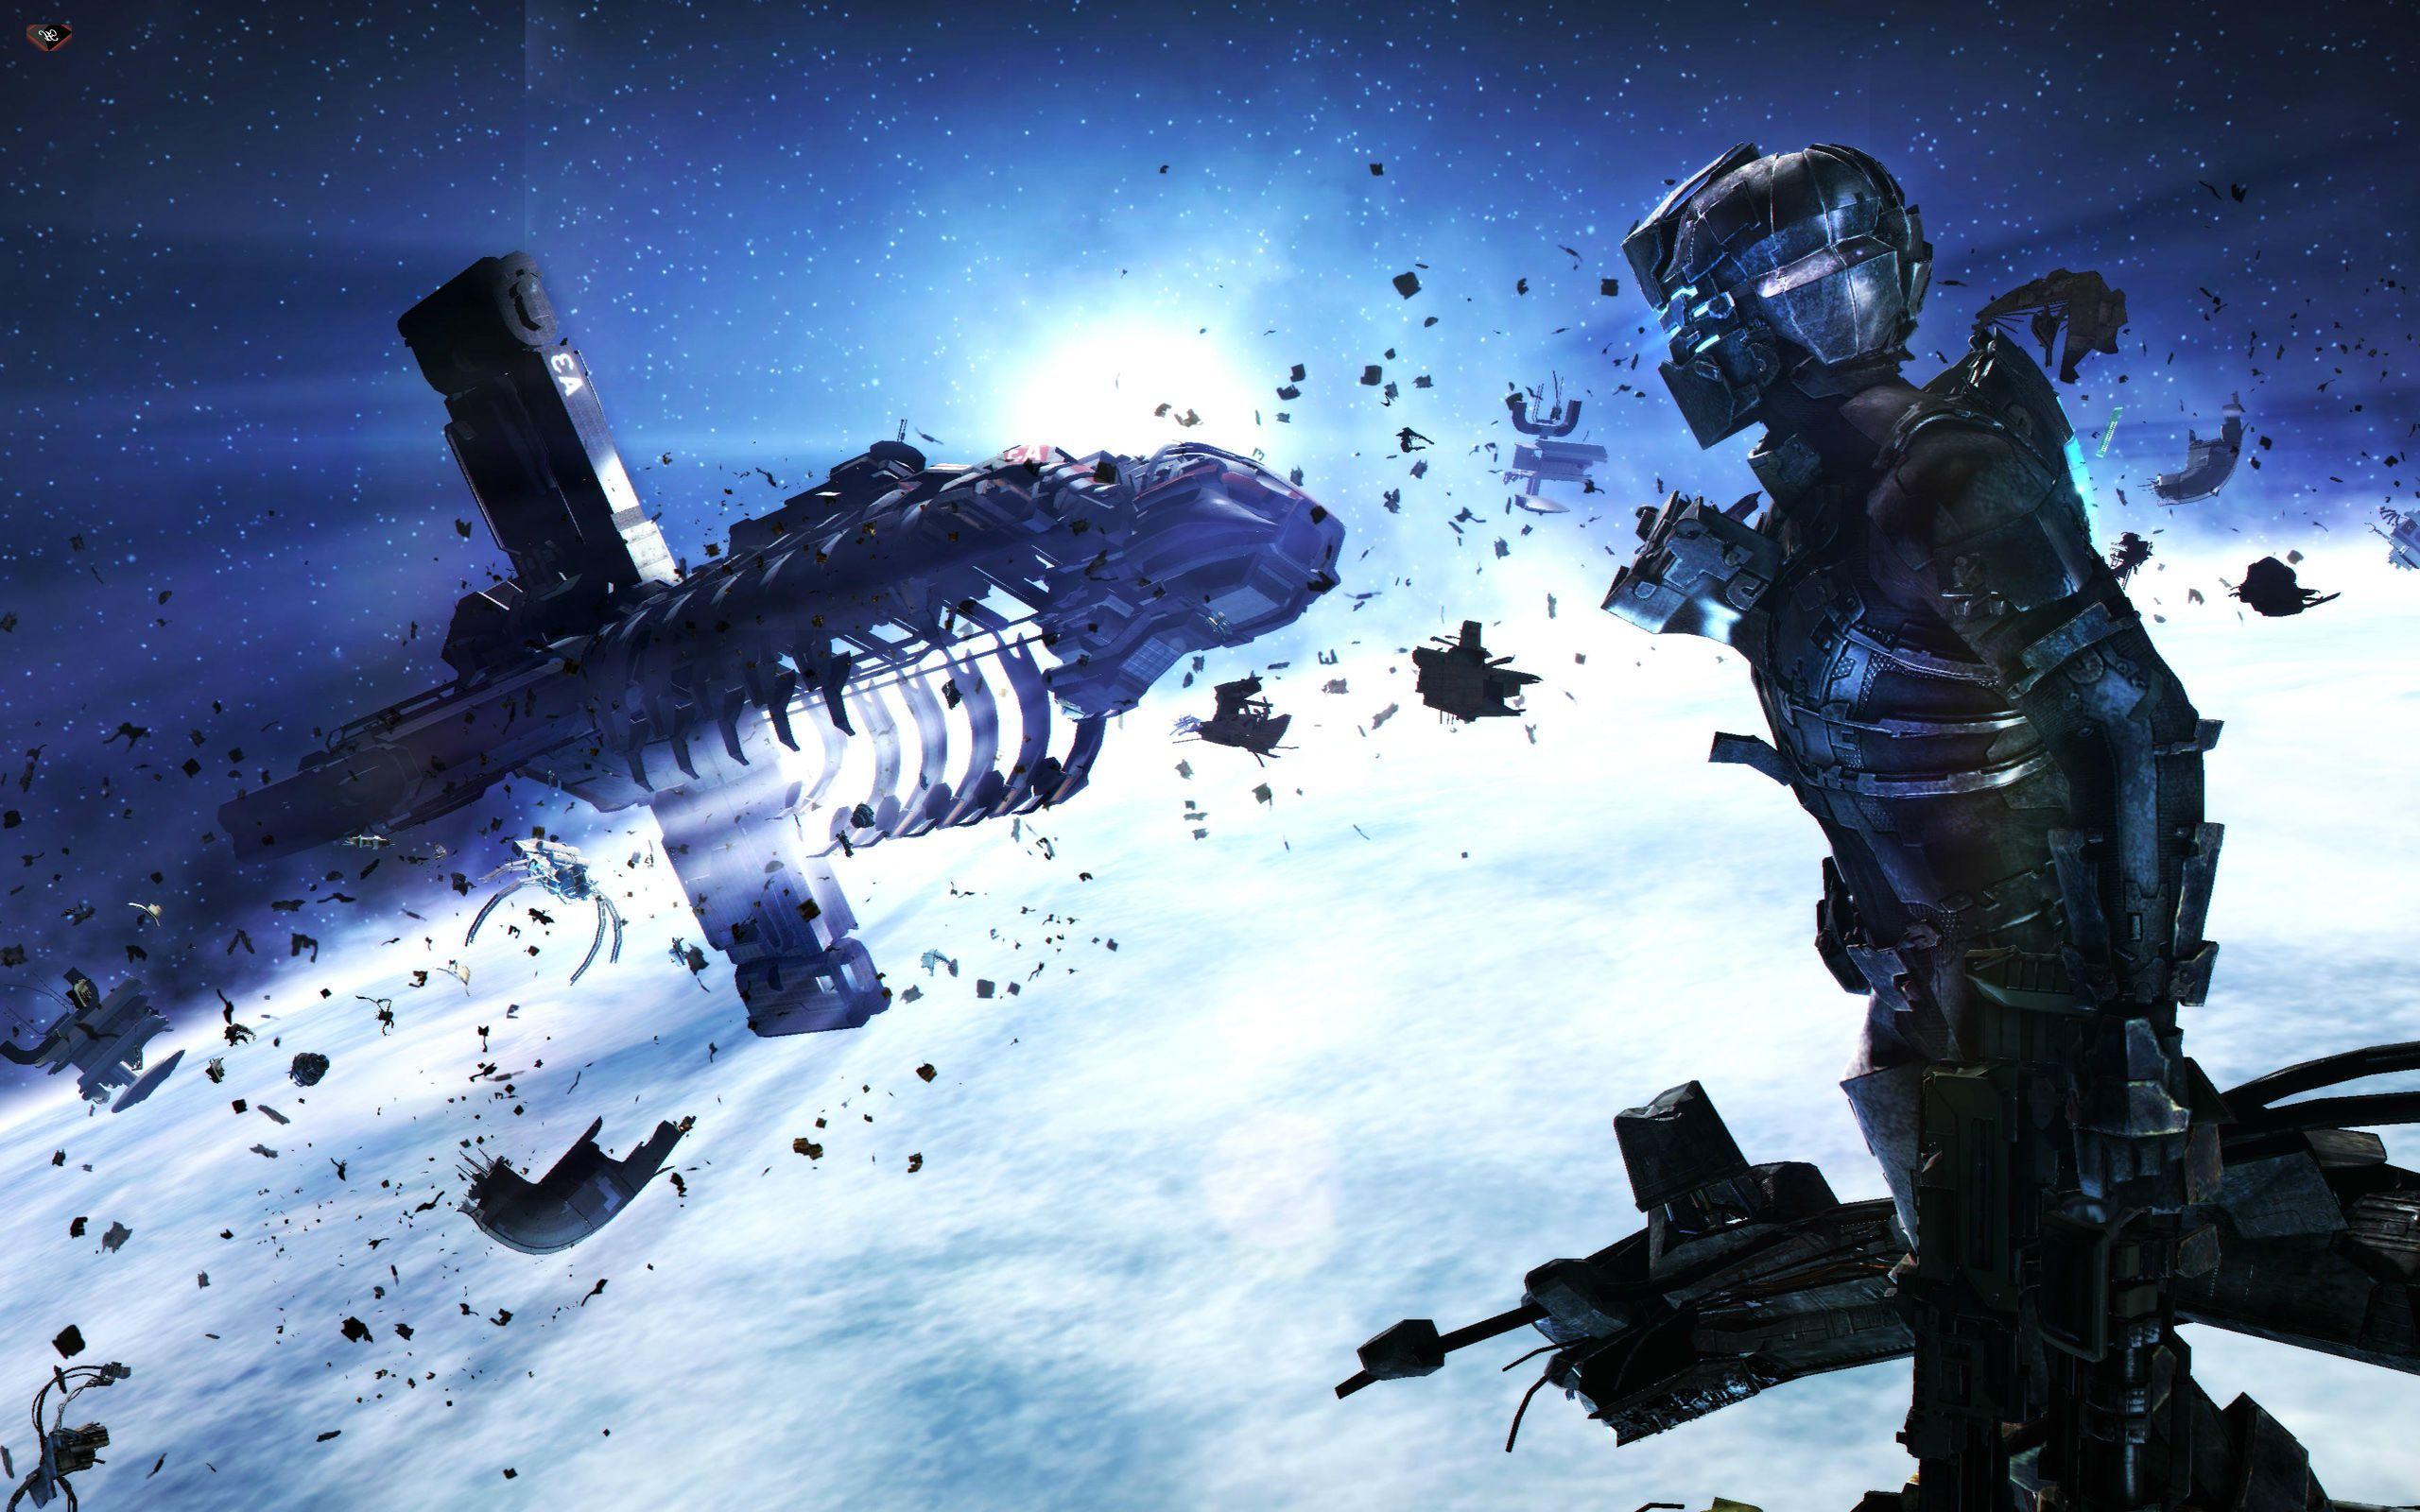 Dead Space 3 wallpaper 2560x1600